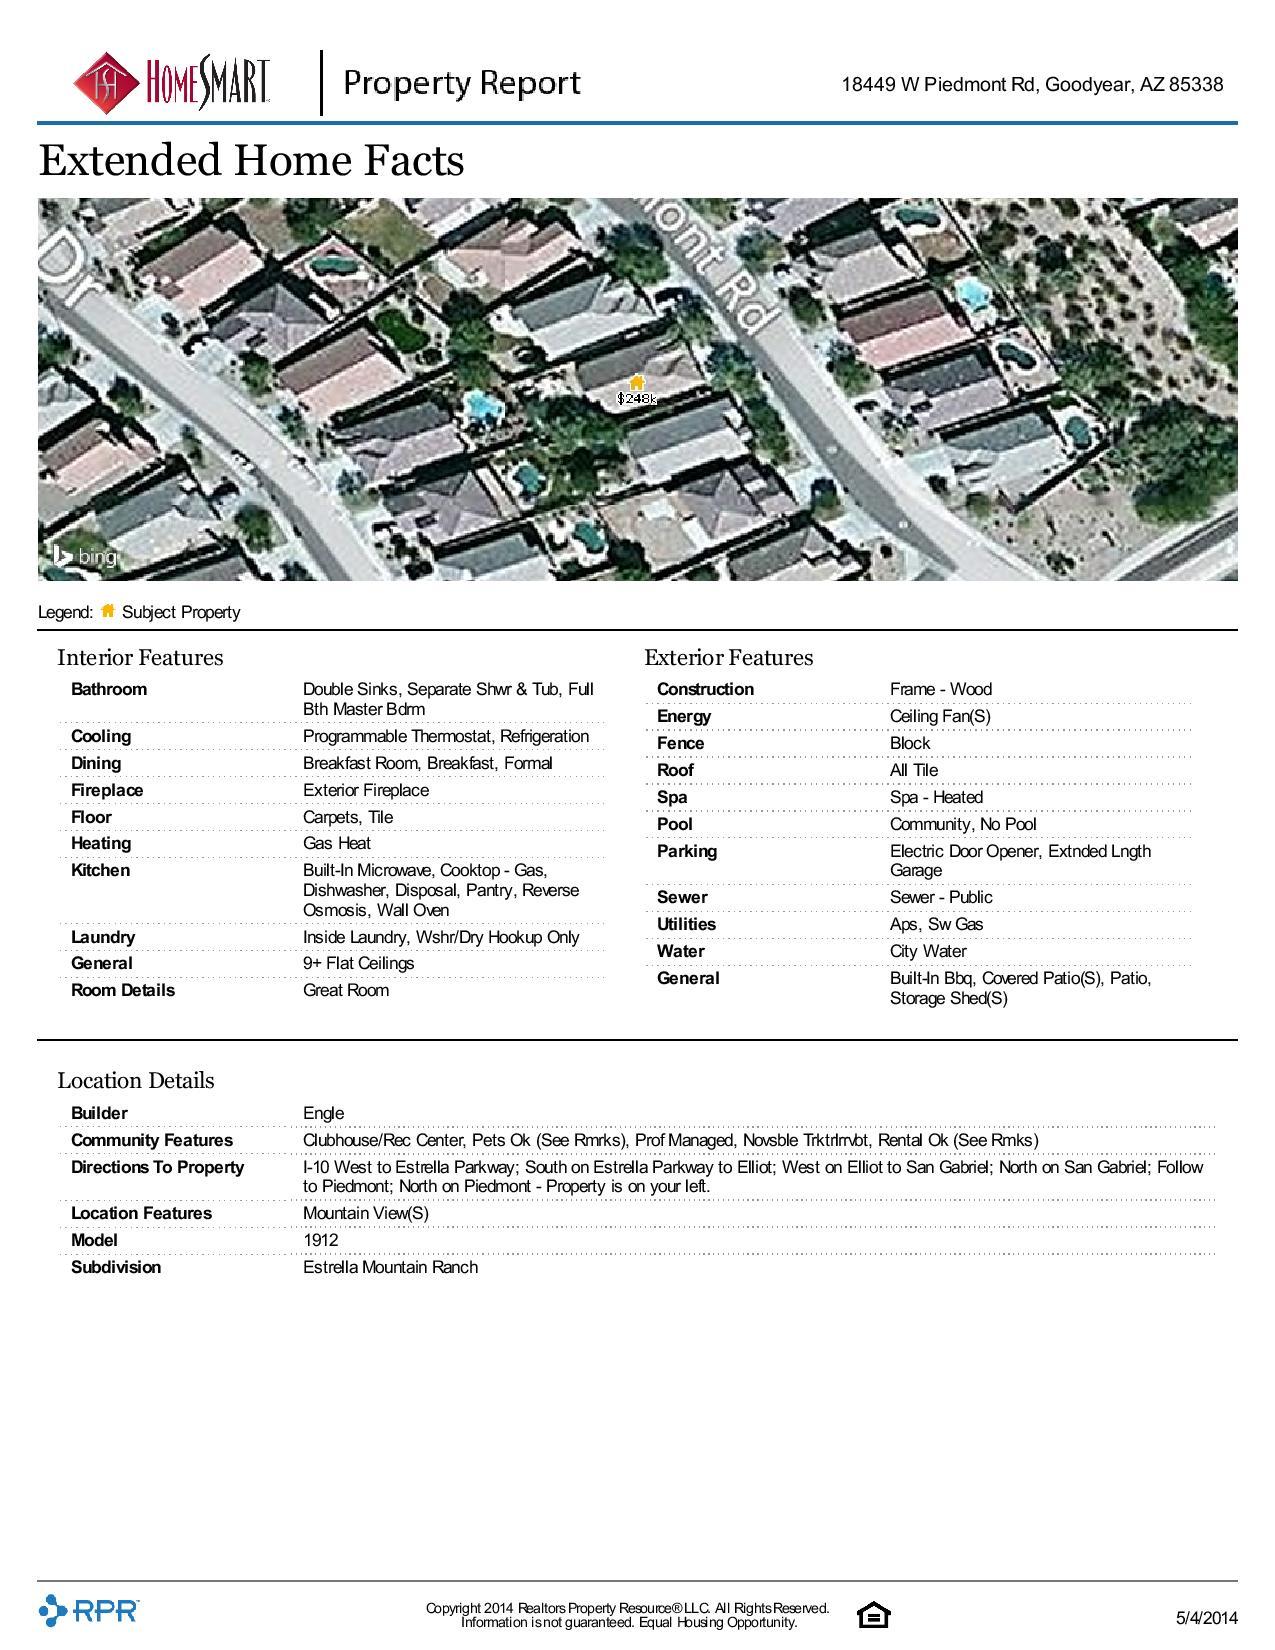 18449-W-Piedmont-Rd-Goodyear-AZ-85338-page-004